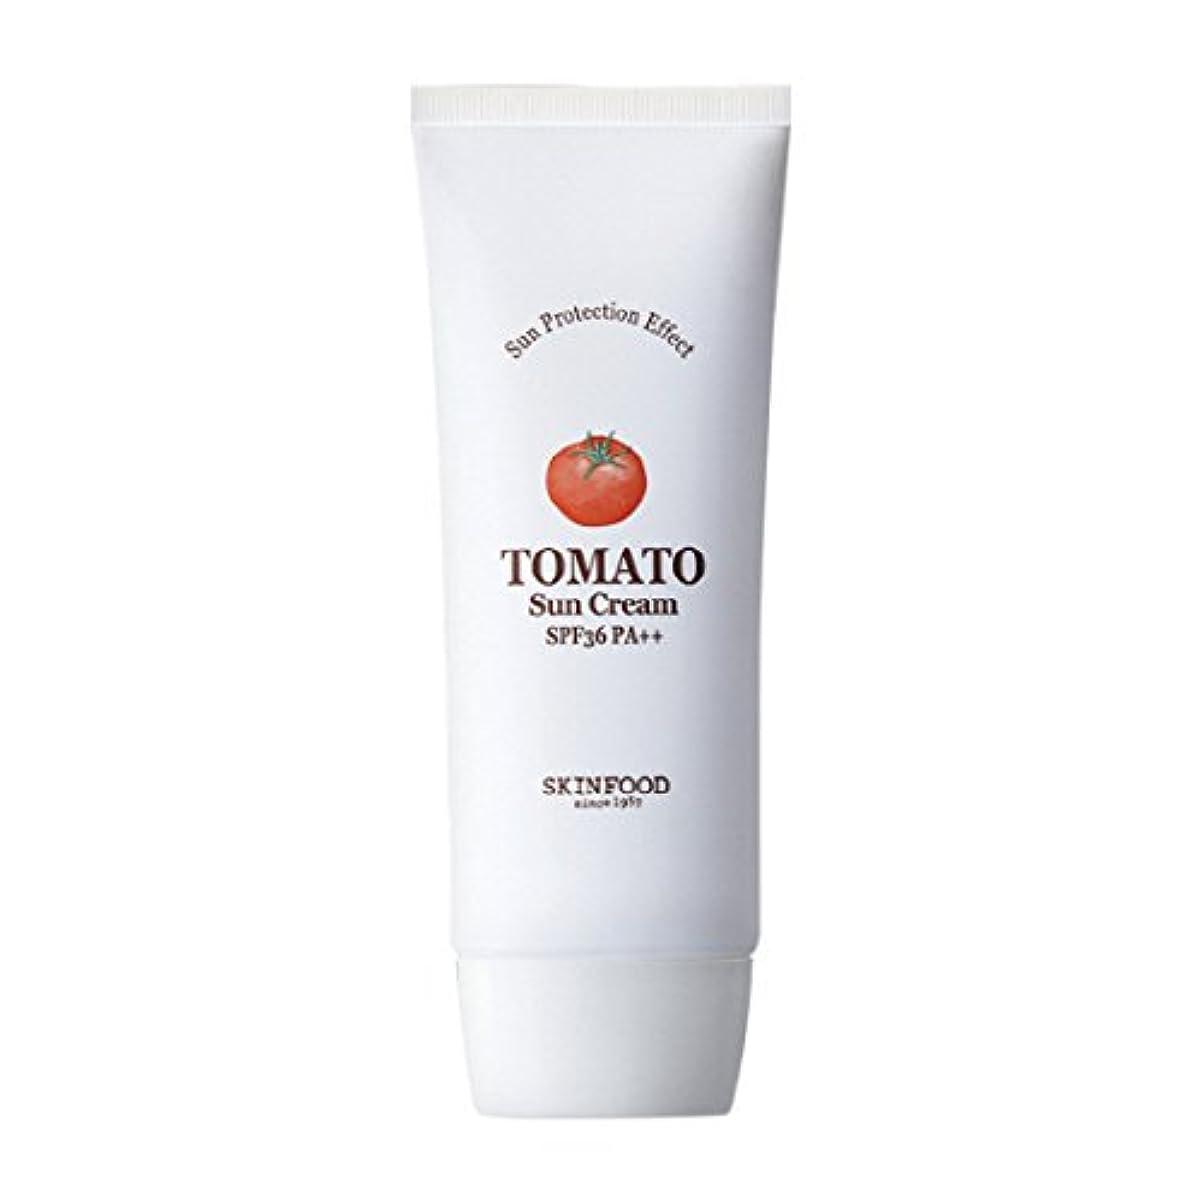 表向き結び目記念碑Skinfood トマトサンクリームSPF 36 PA ++(UVプロテクション) / Tomato Sun Cream SPF 36 PA++ (UV Protection) 50ml [並行輸入品]